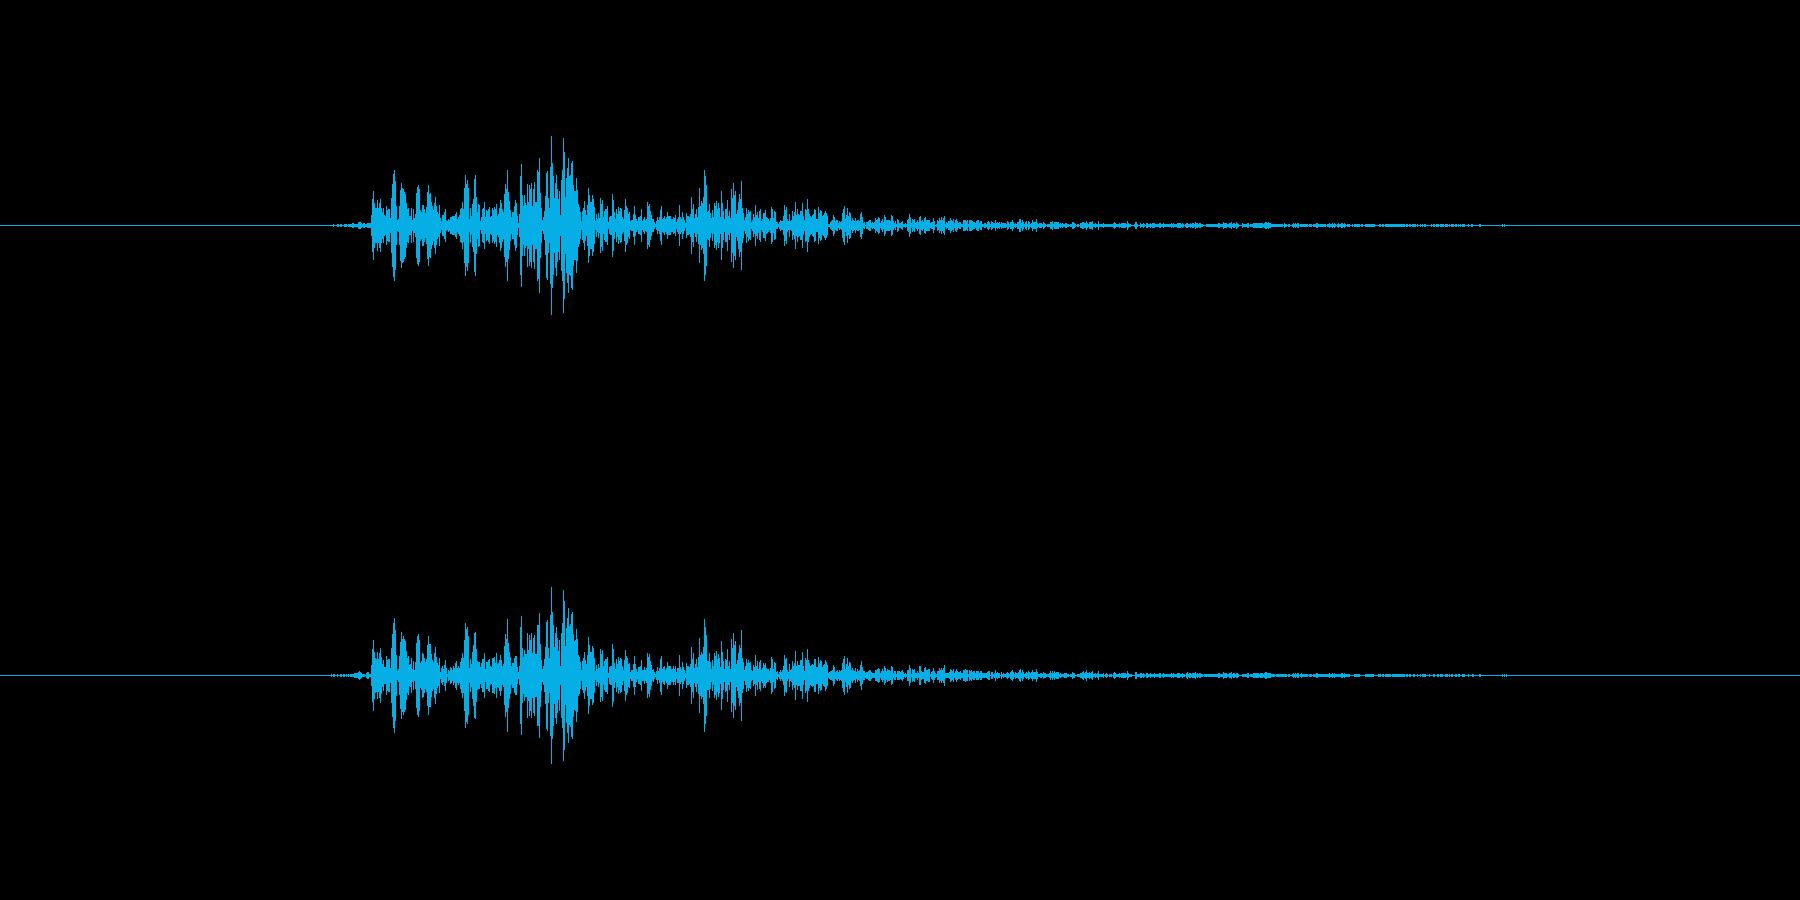 チャッ【カーソル音:クールで硬派】の再生済みの波形